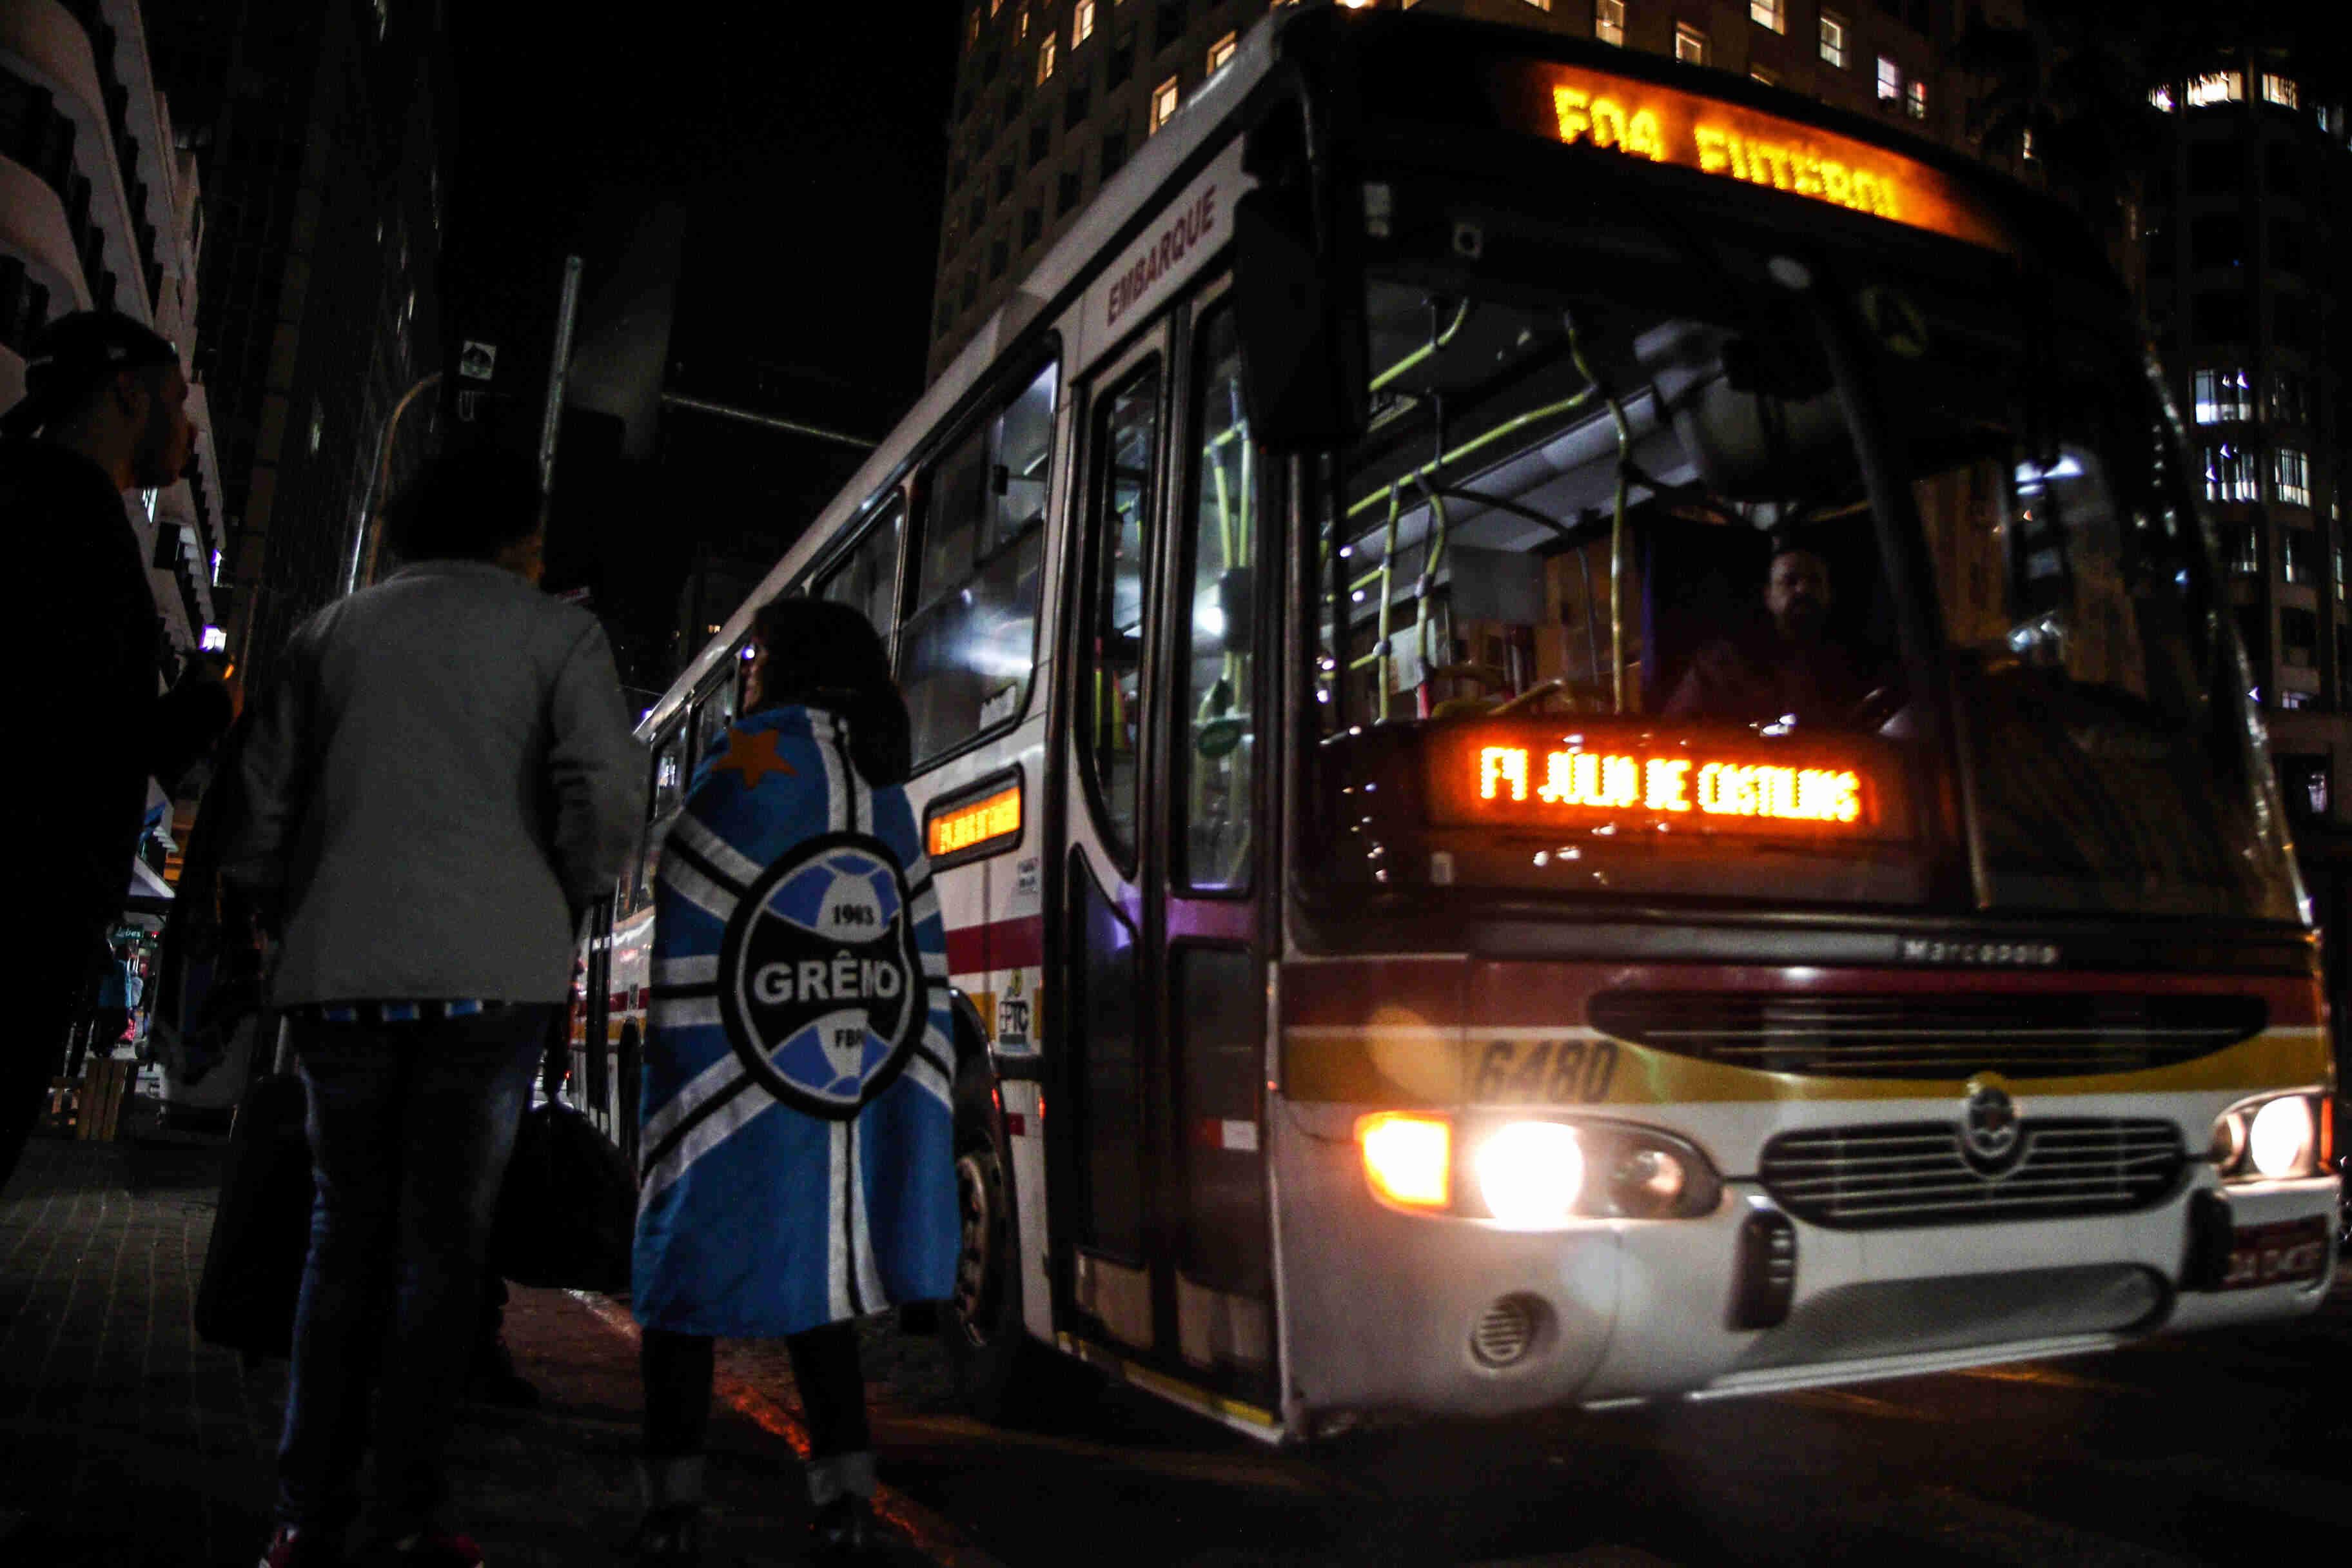 Doze ônibus atendem torcida do Grêmio, hoje, para jogo ...